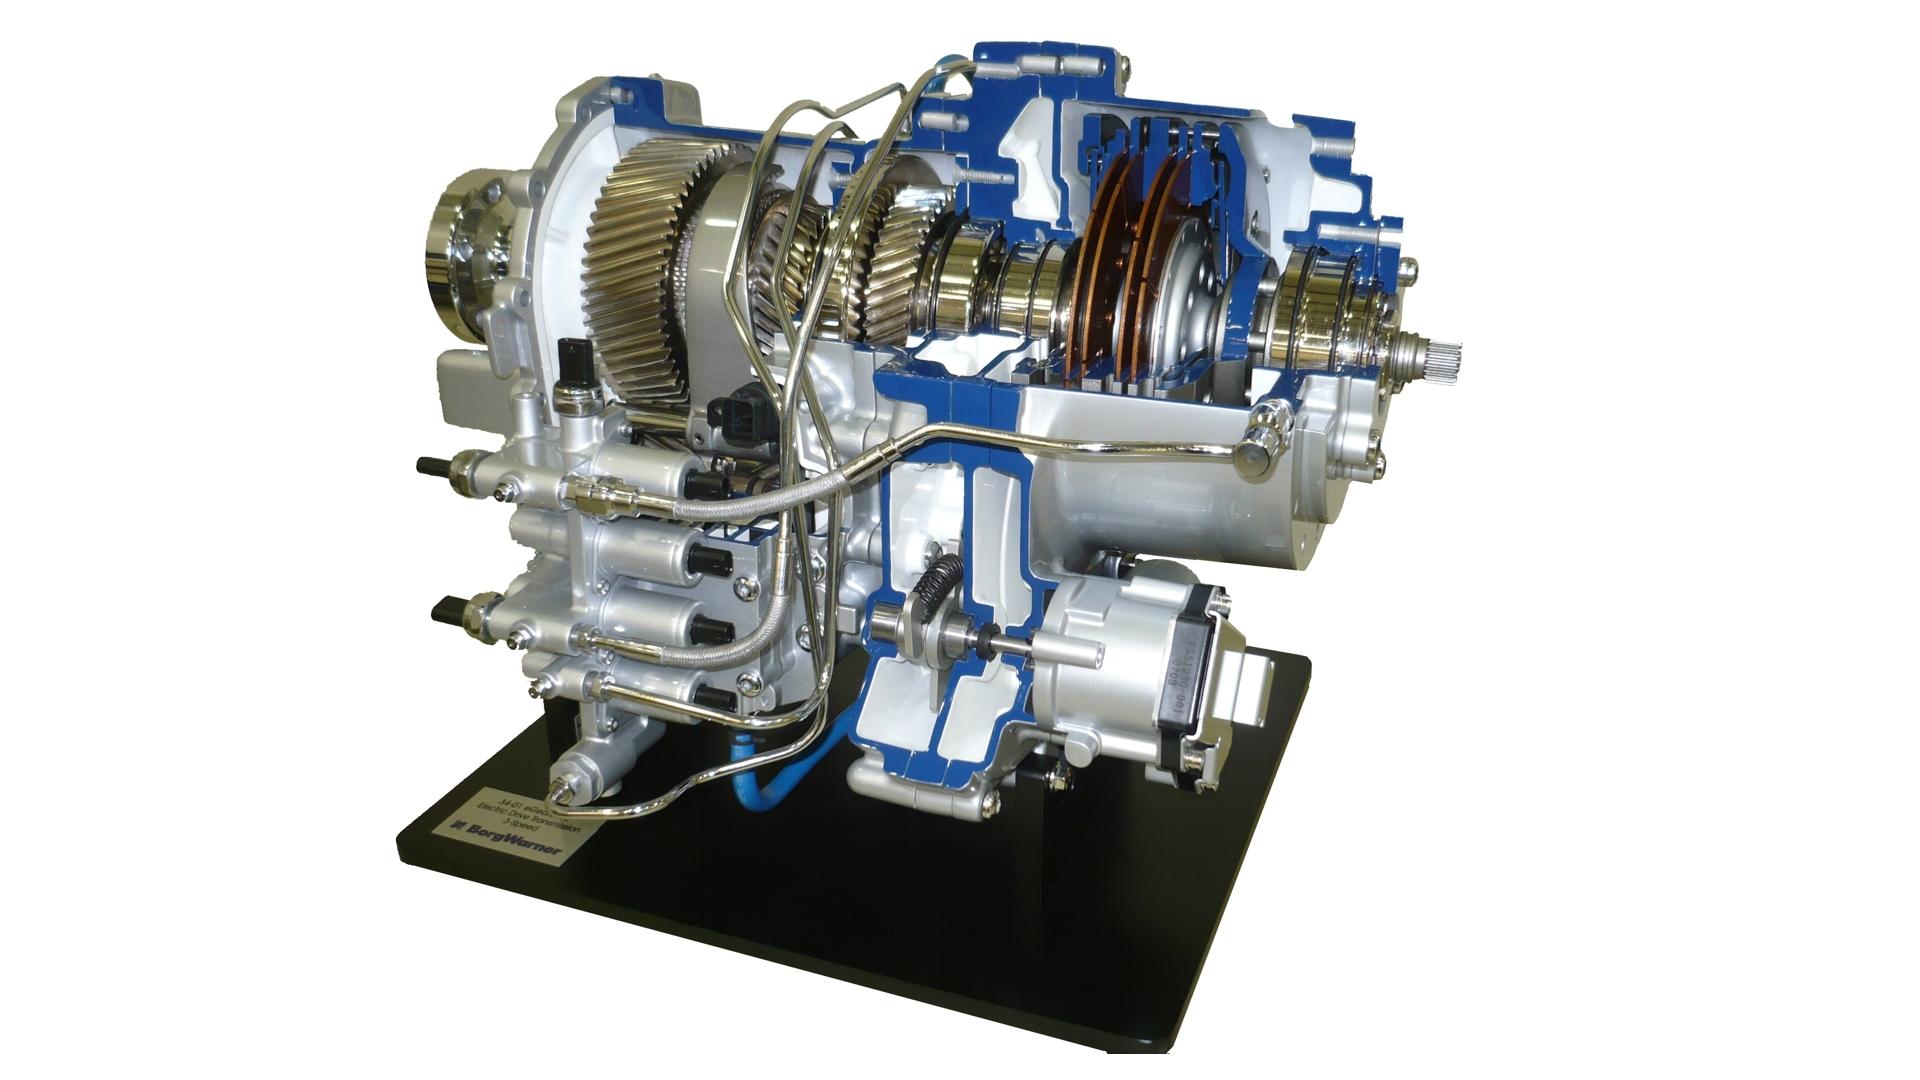 BorgWarner Transmission Cutaway Display